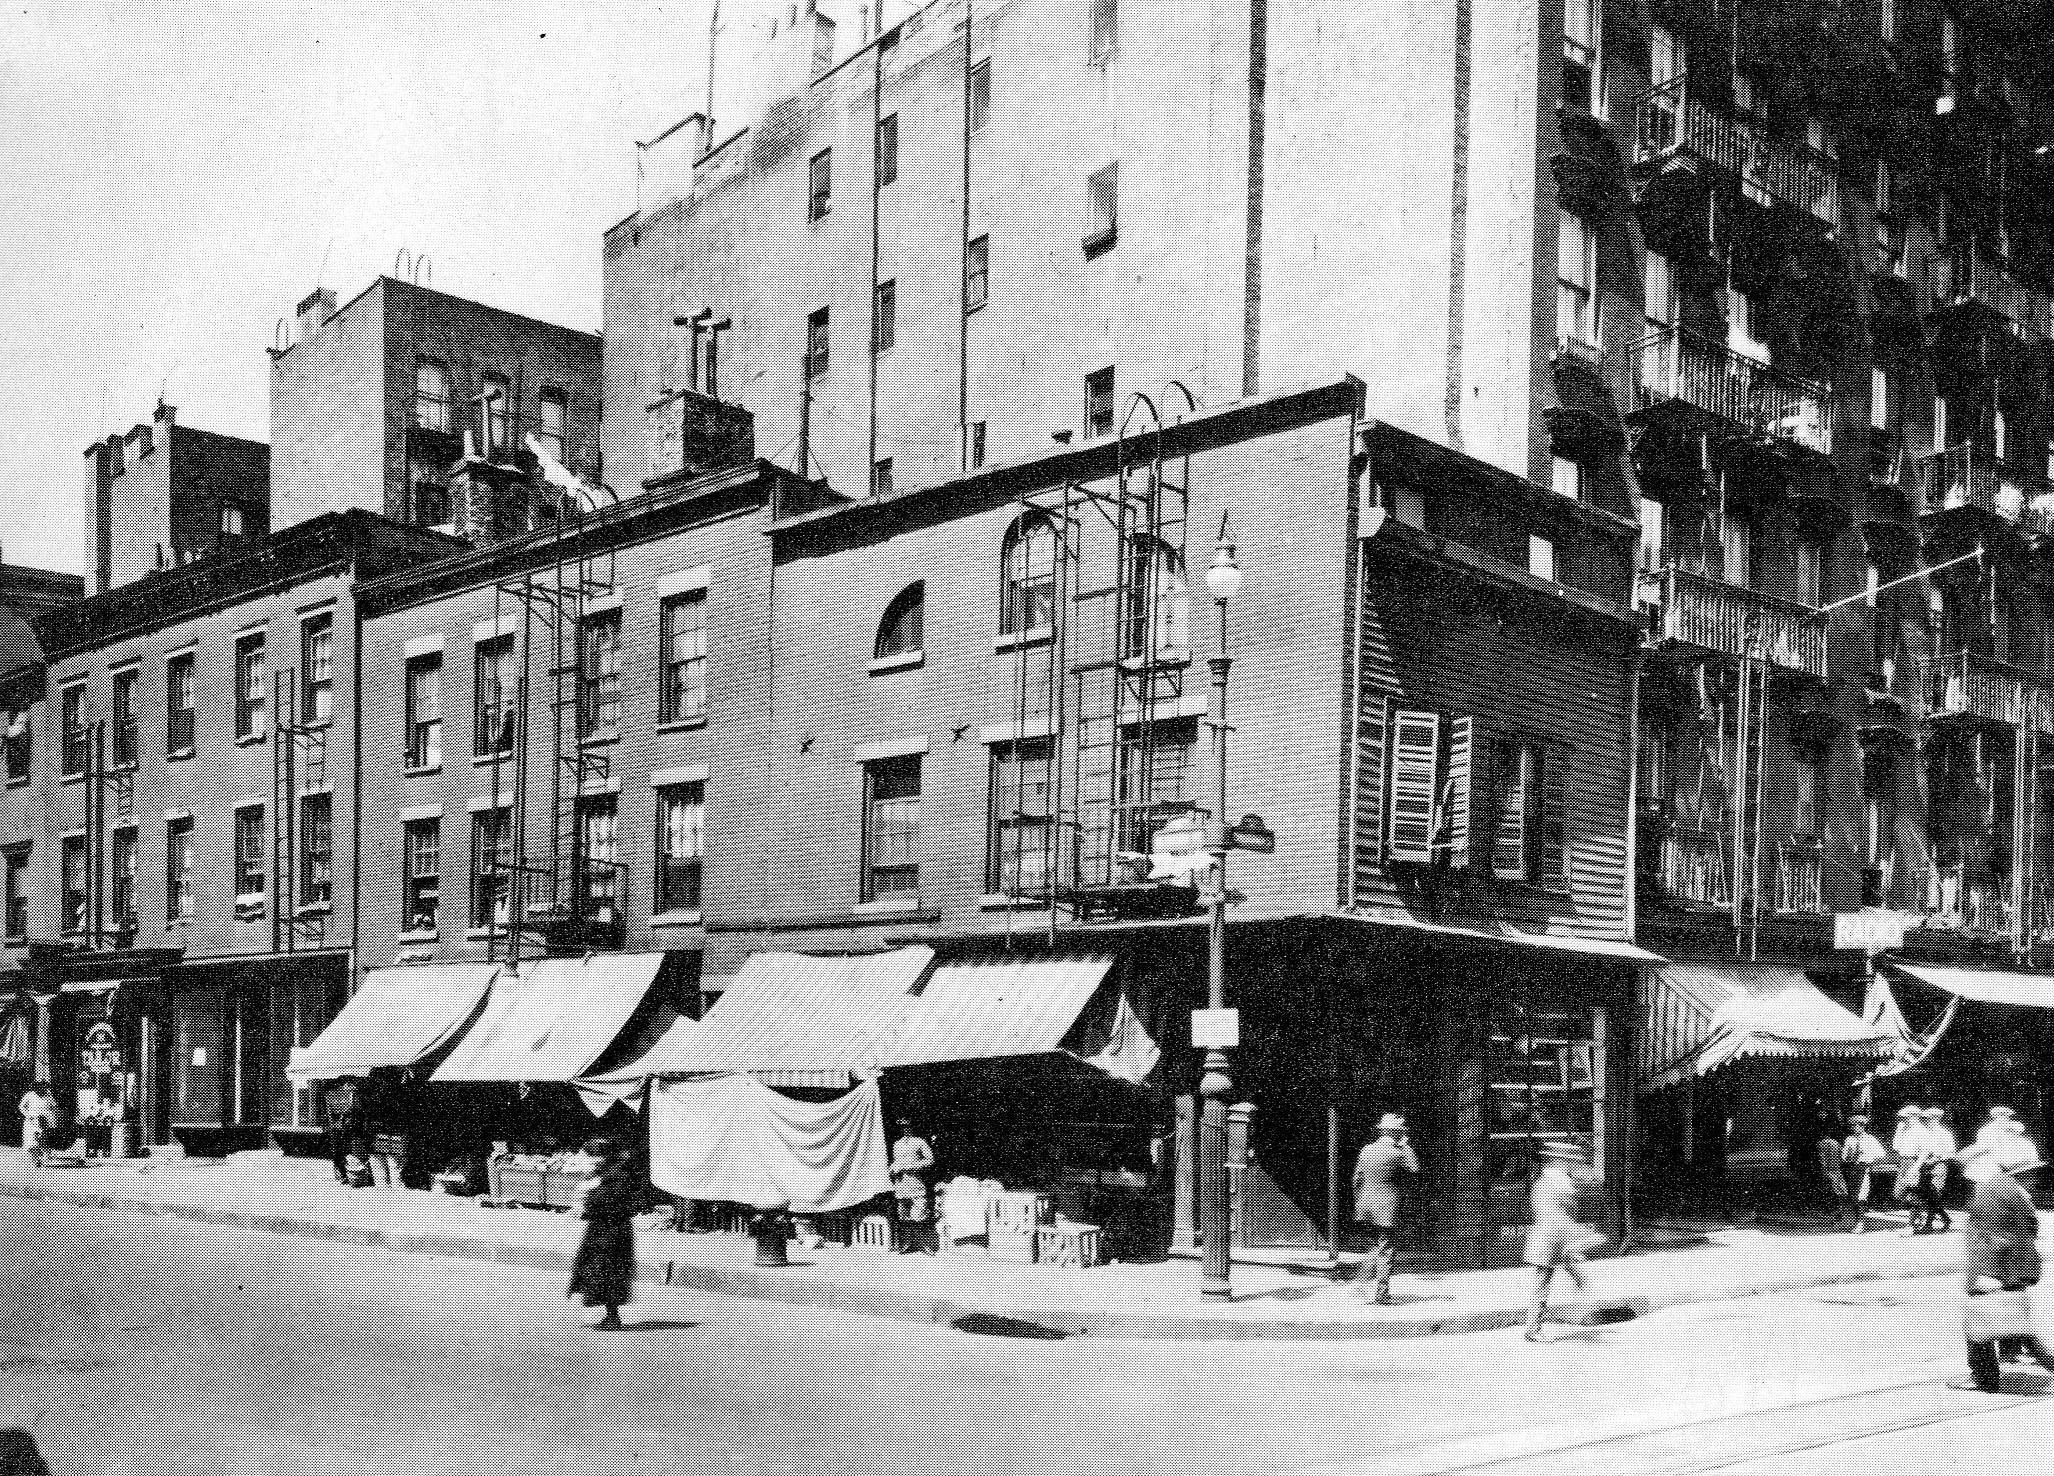 Christopher Street Ephemeral New York